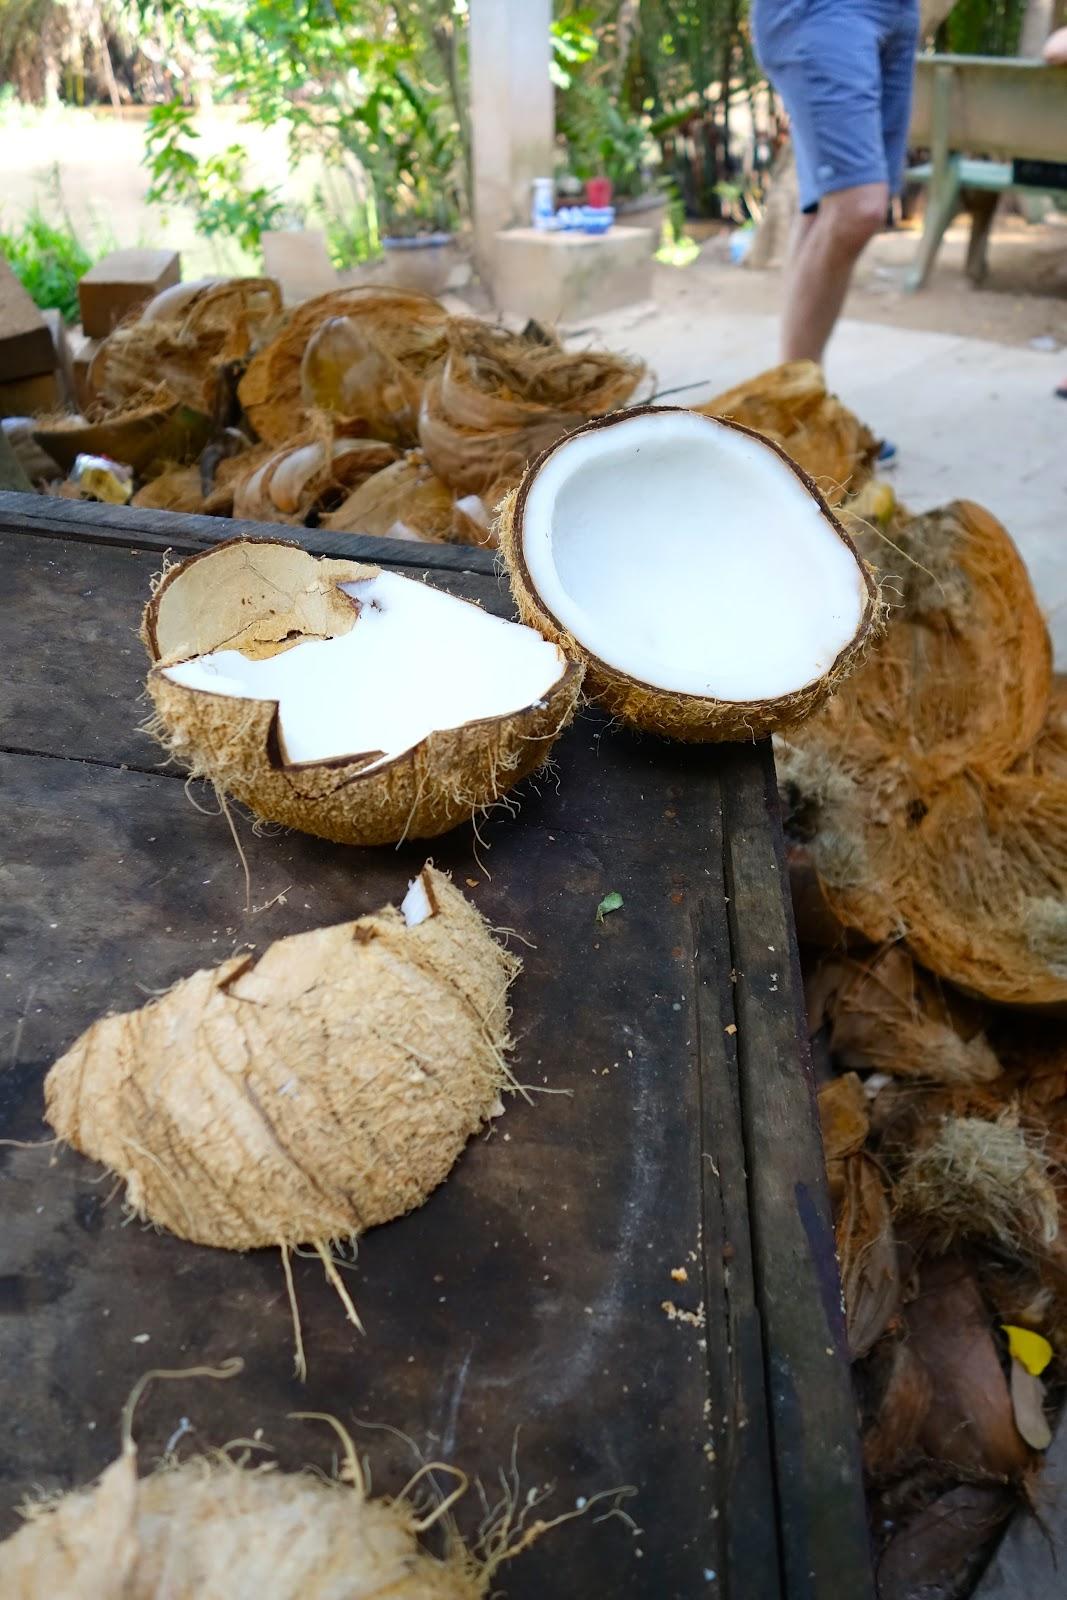 Coconut Candy Factory in Mekong Delta Vietnam 2015